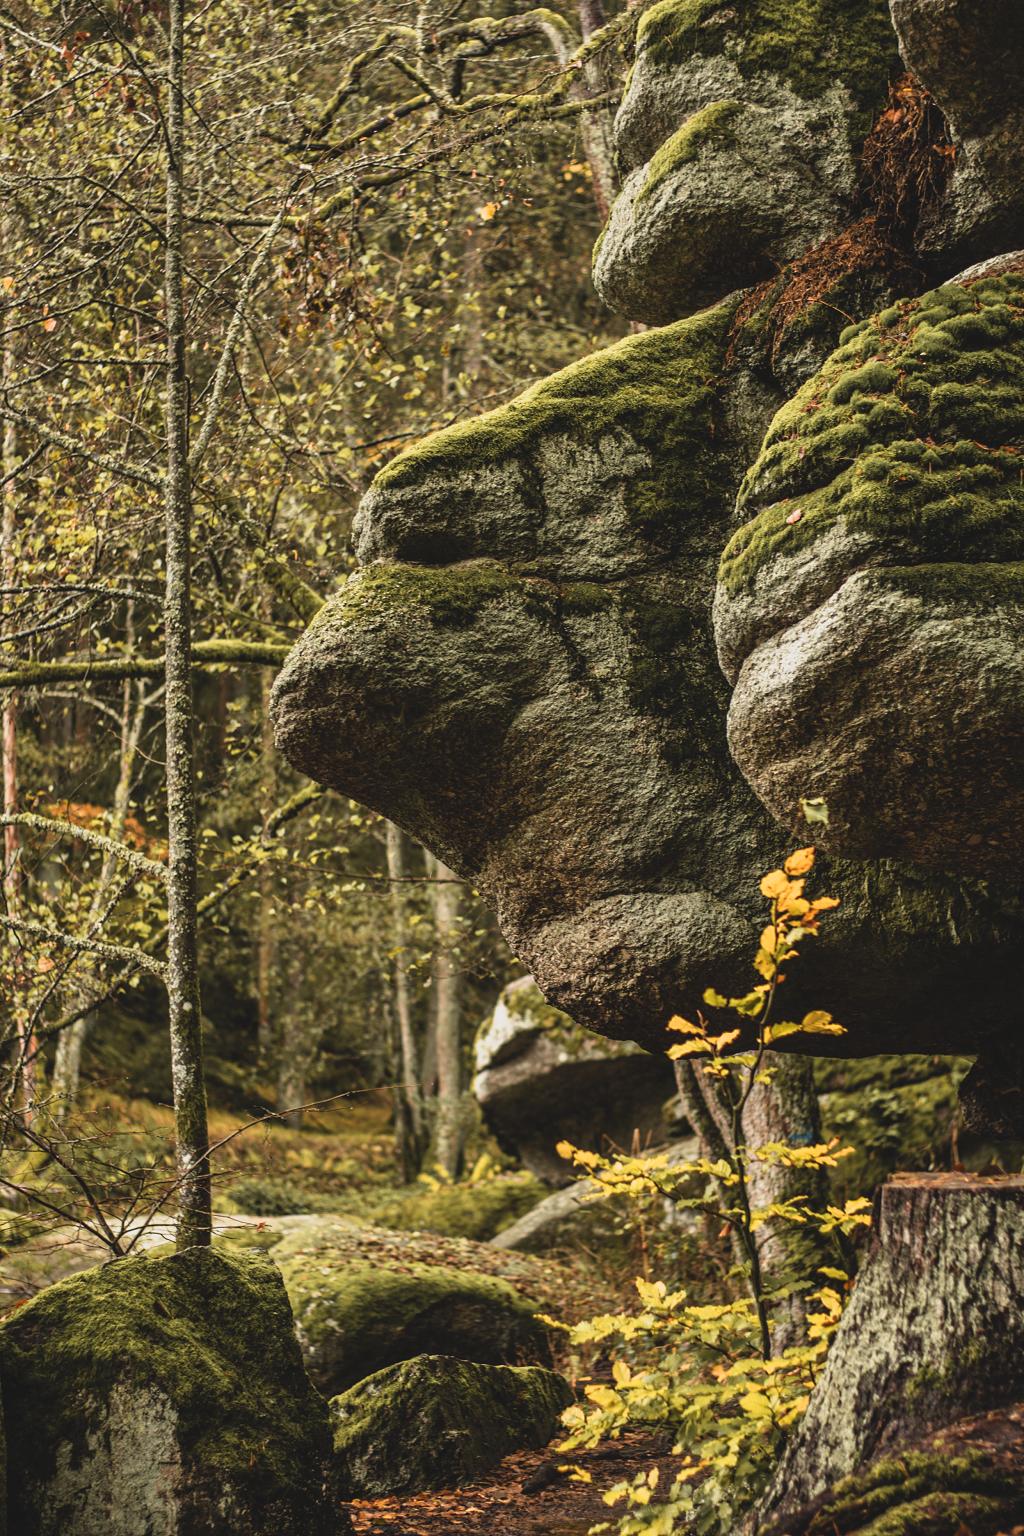 Felsformationen im Wald